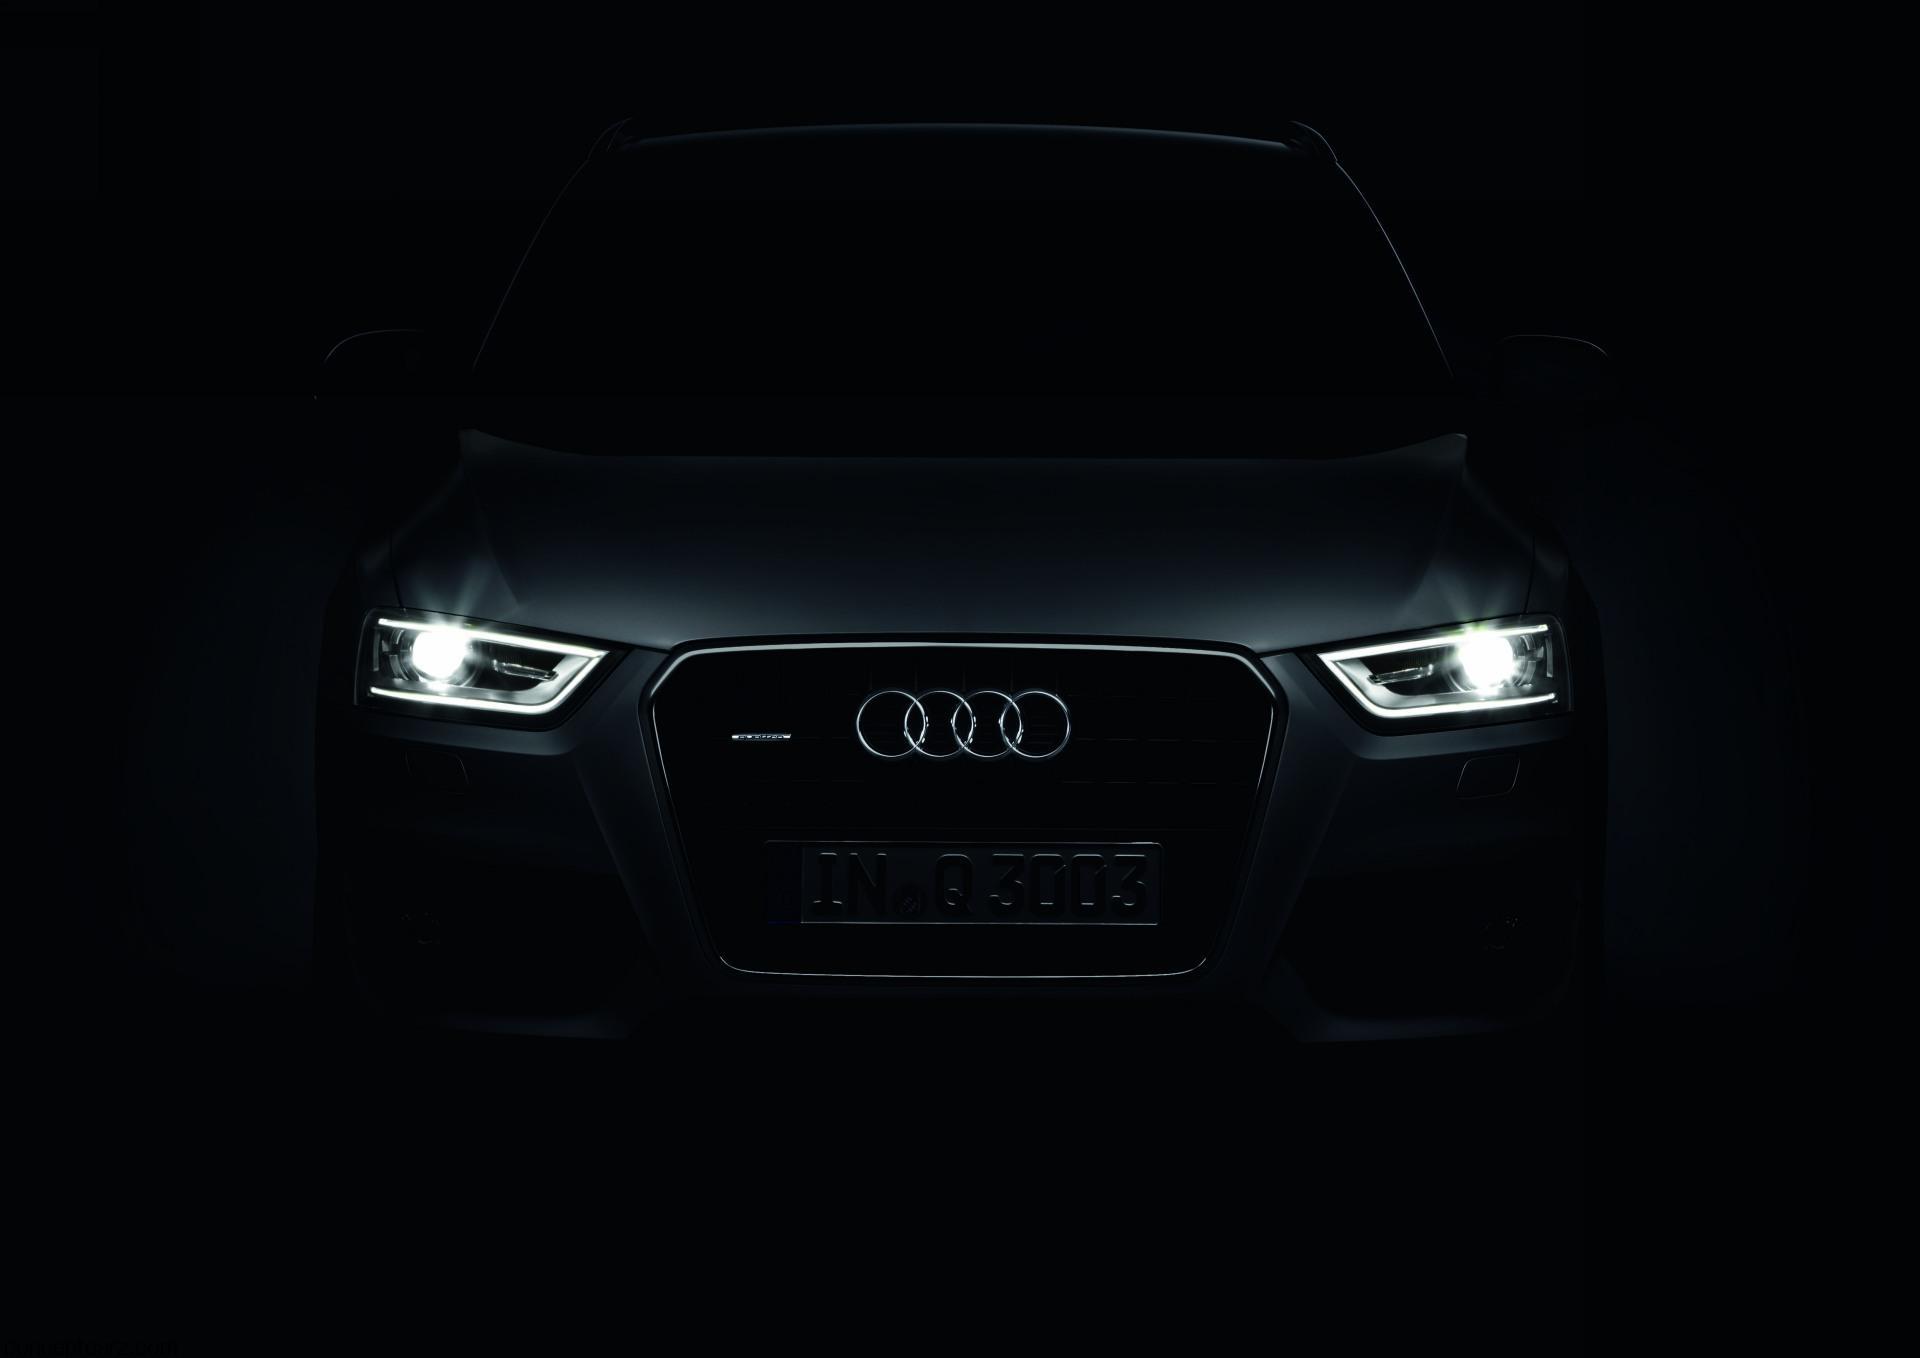 Audi Logo Hd Wallpaper Wallpapersafari